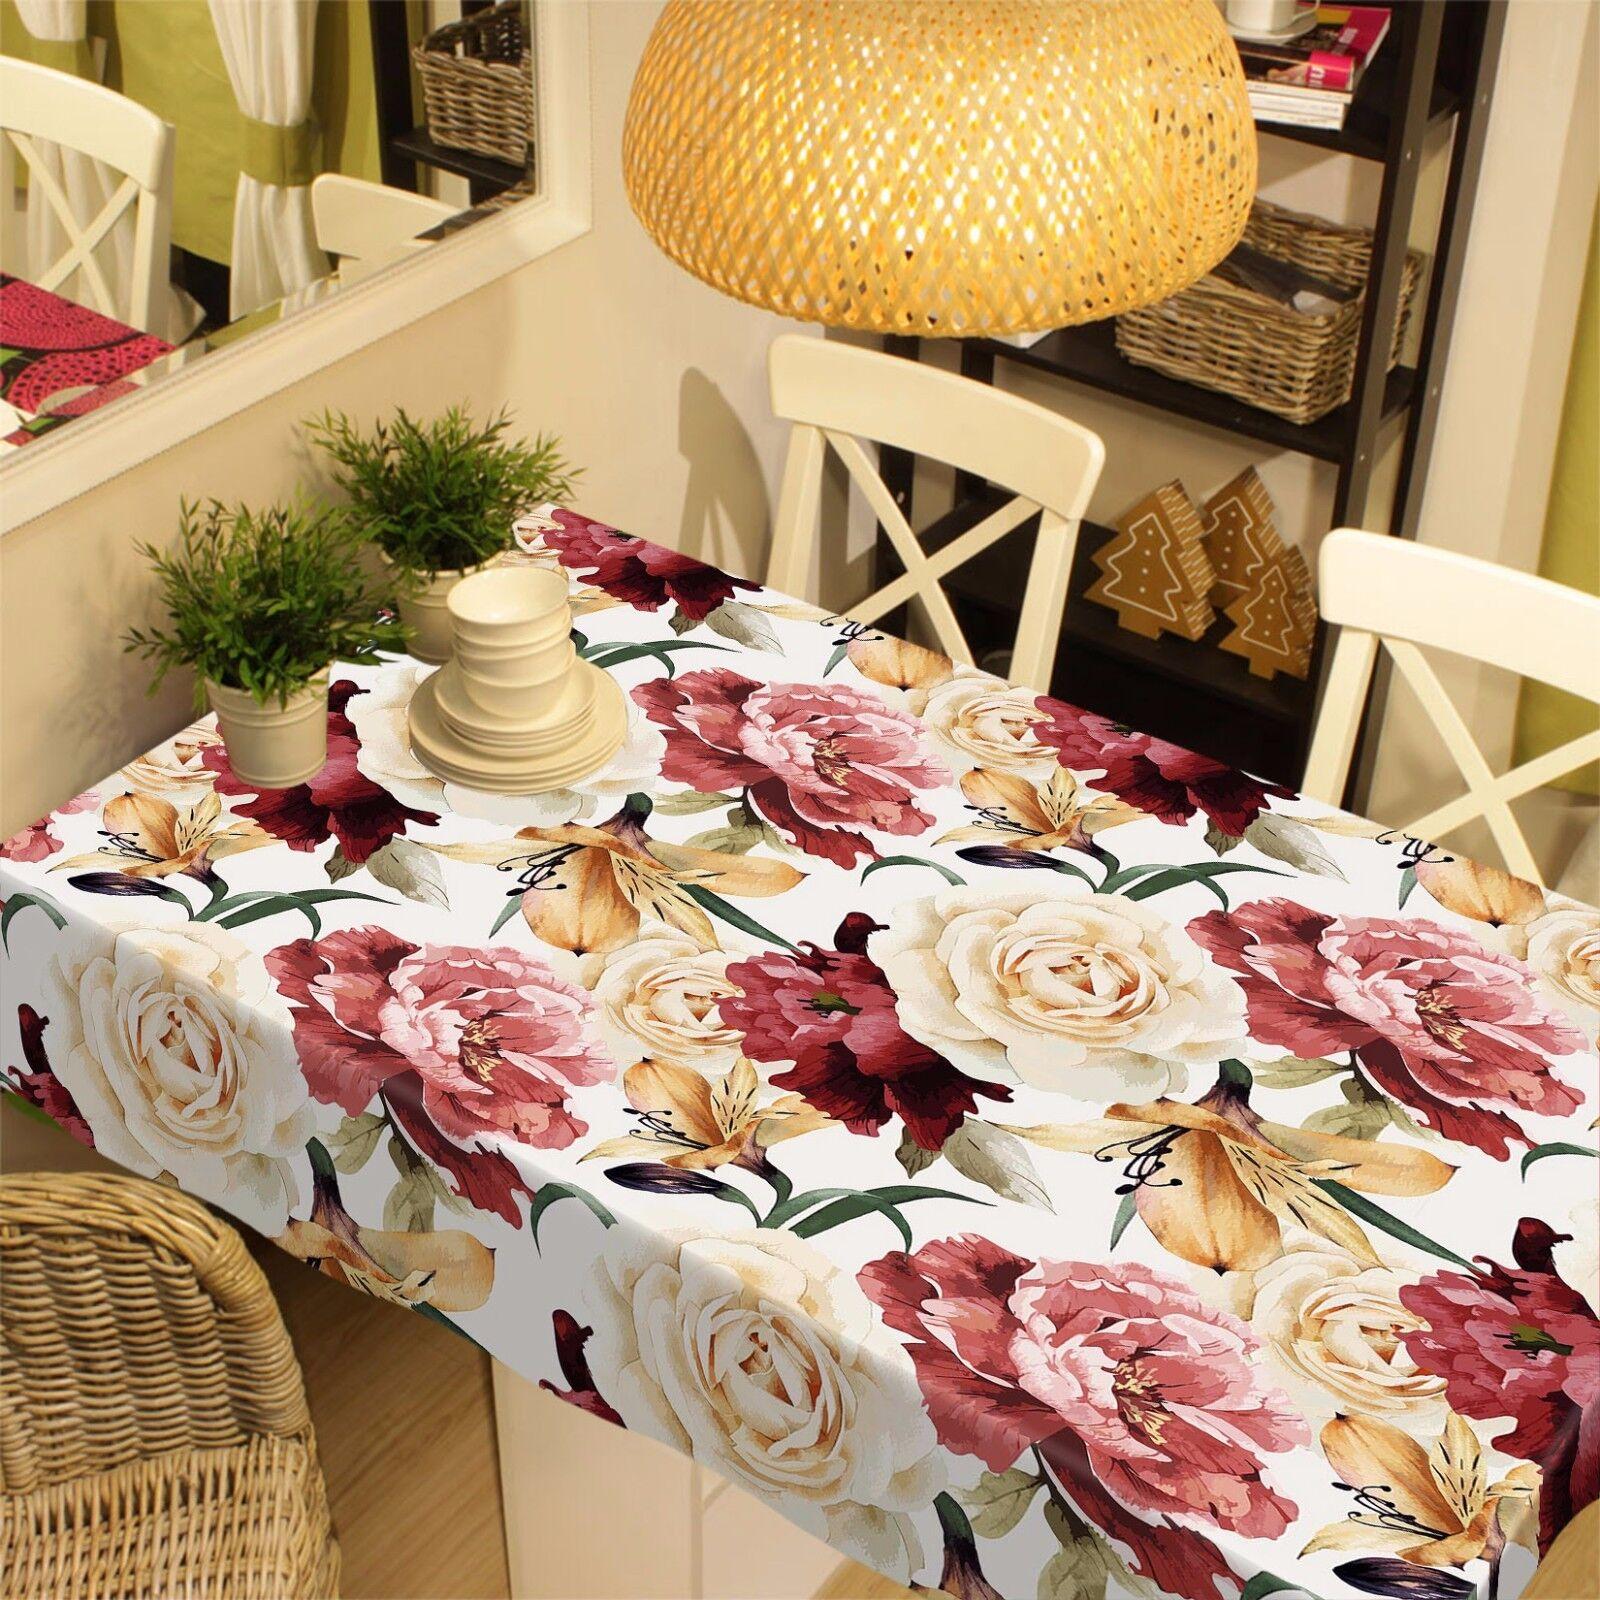 Fleurs 3D 811 Nappe Table Cover Cloth Fête D'Anniversaire événement AJ papier peint UK